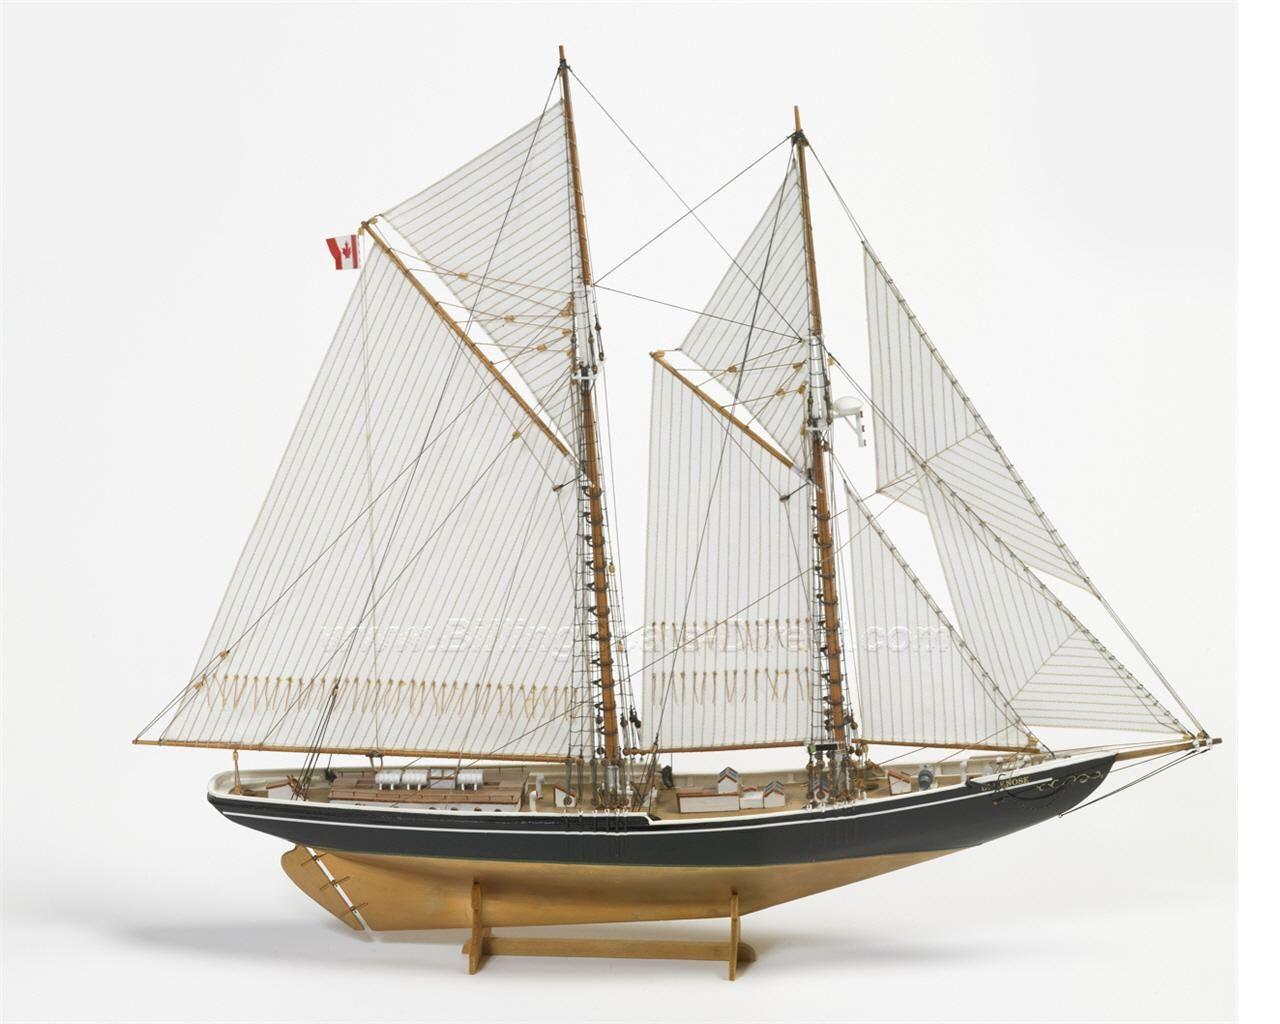 779-7967-Blue-Nose-II-Model-Boat-Kit